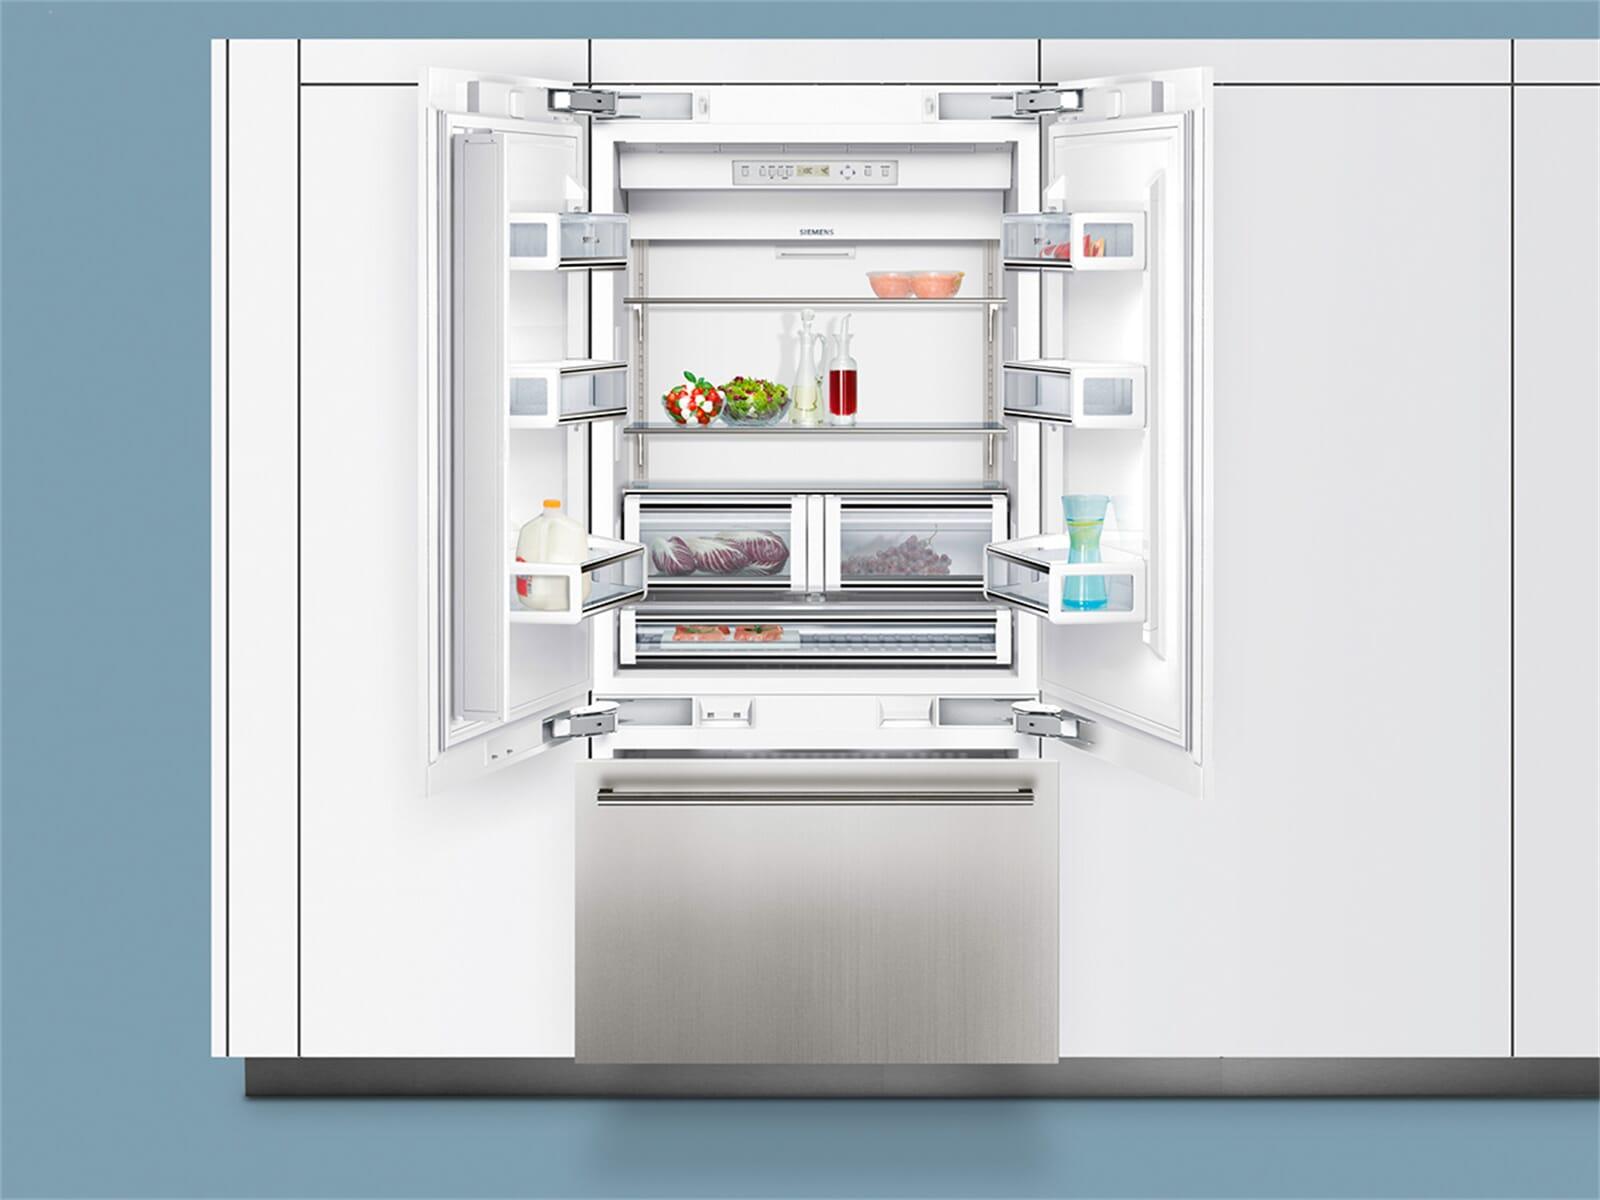 Smeg Kühlschrank French Door : Siemens studioline ci bp french door einbau kühl gefrierkombination